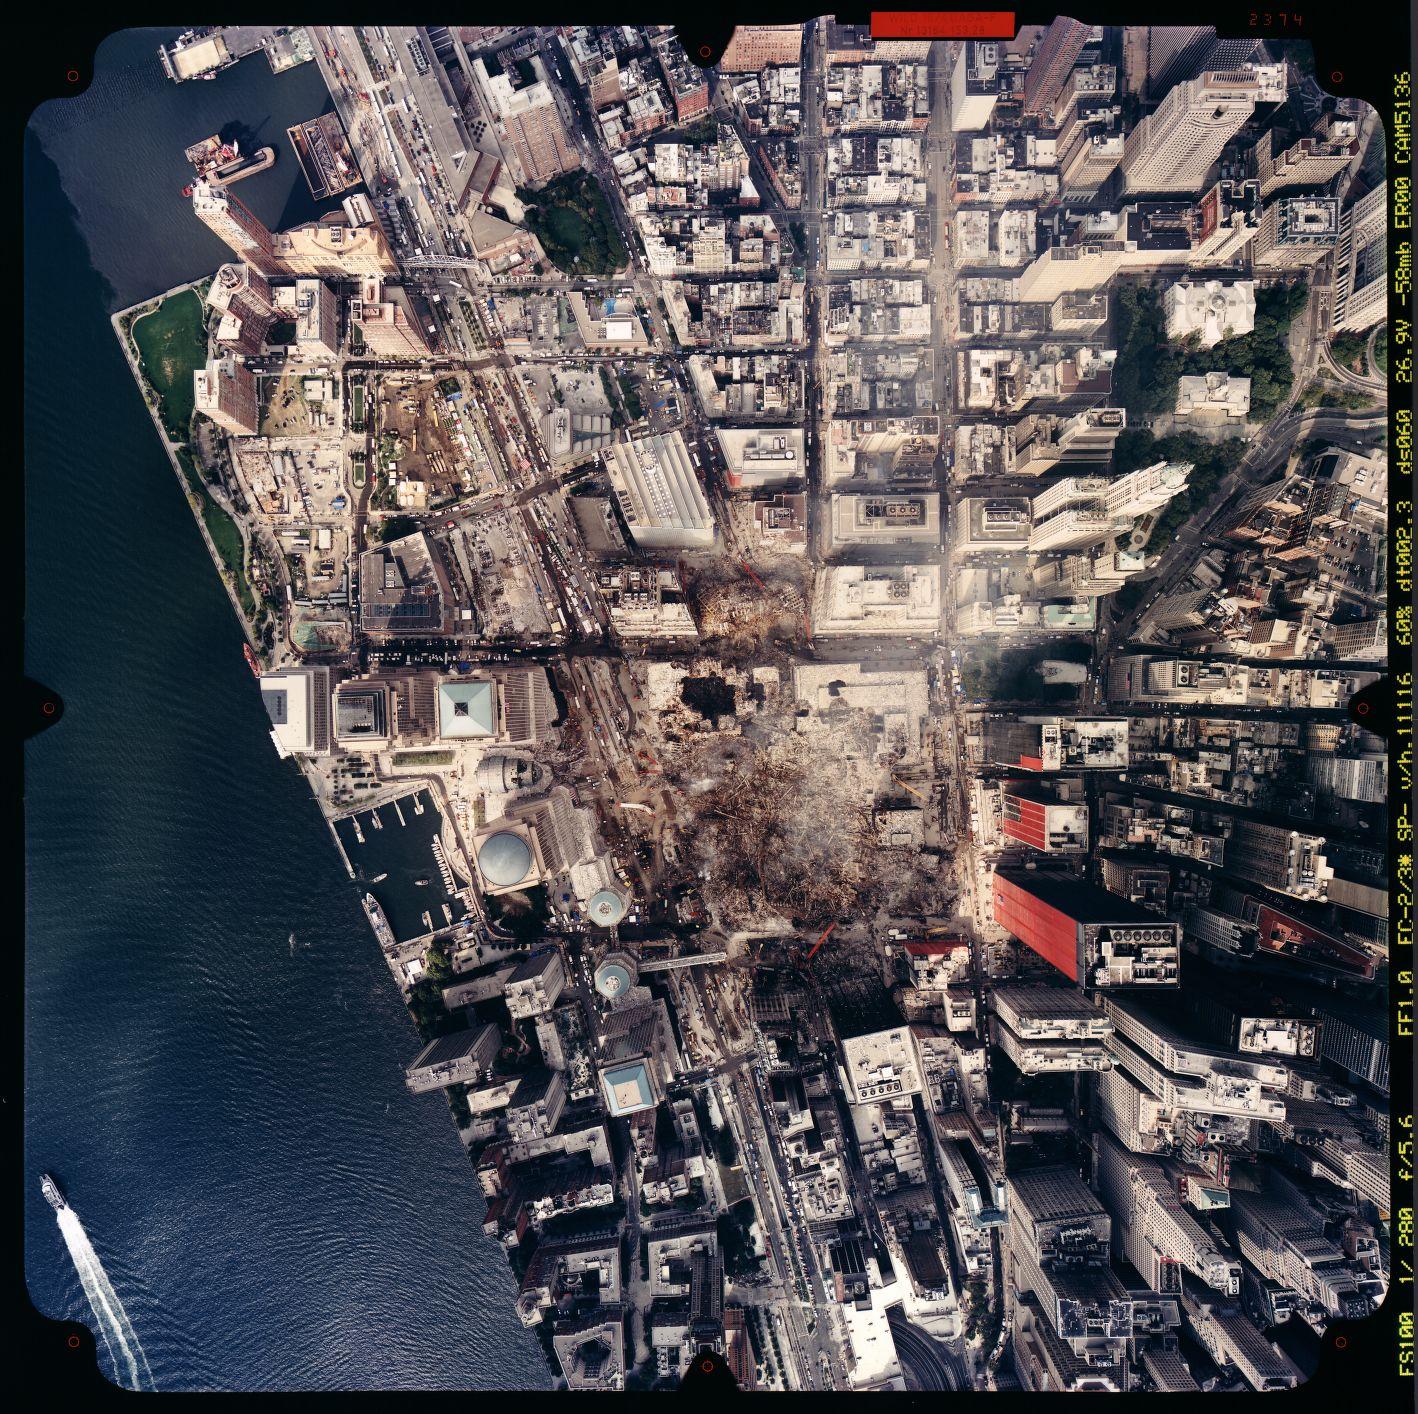 world trade center, sept 23, 2001.jpg